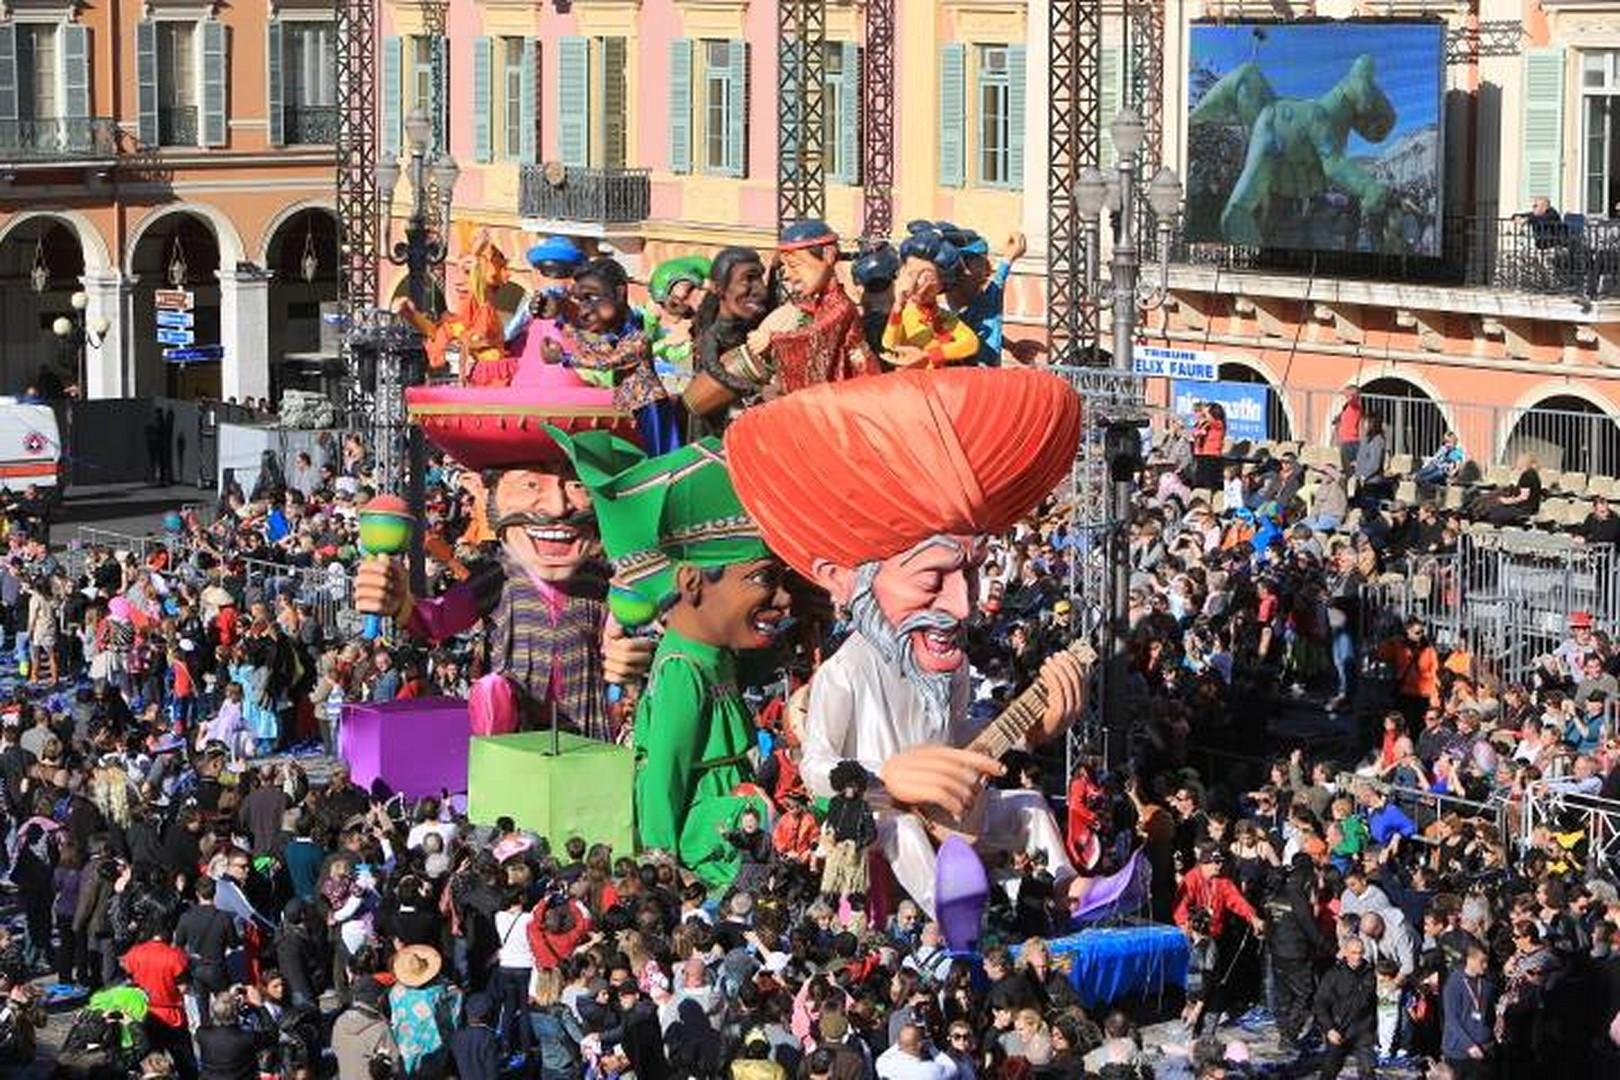 Le Carnaval de Nice 2015 - Le Roi de La Musique